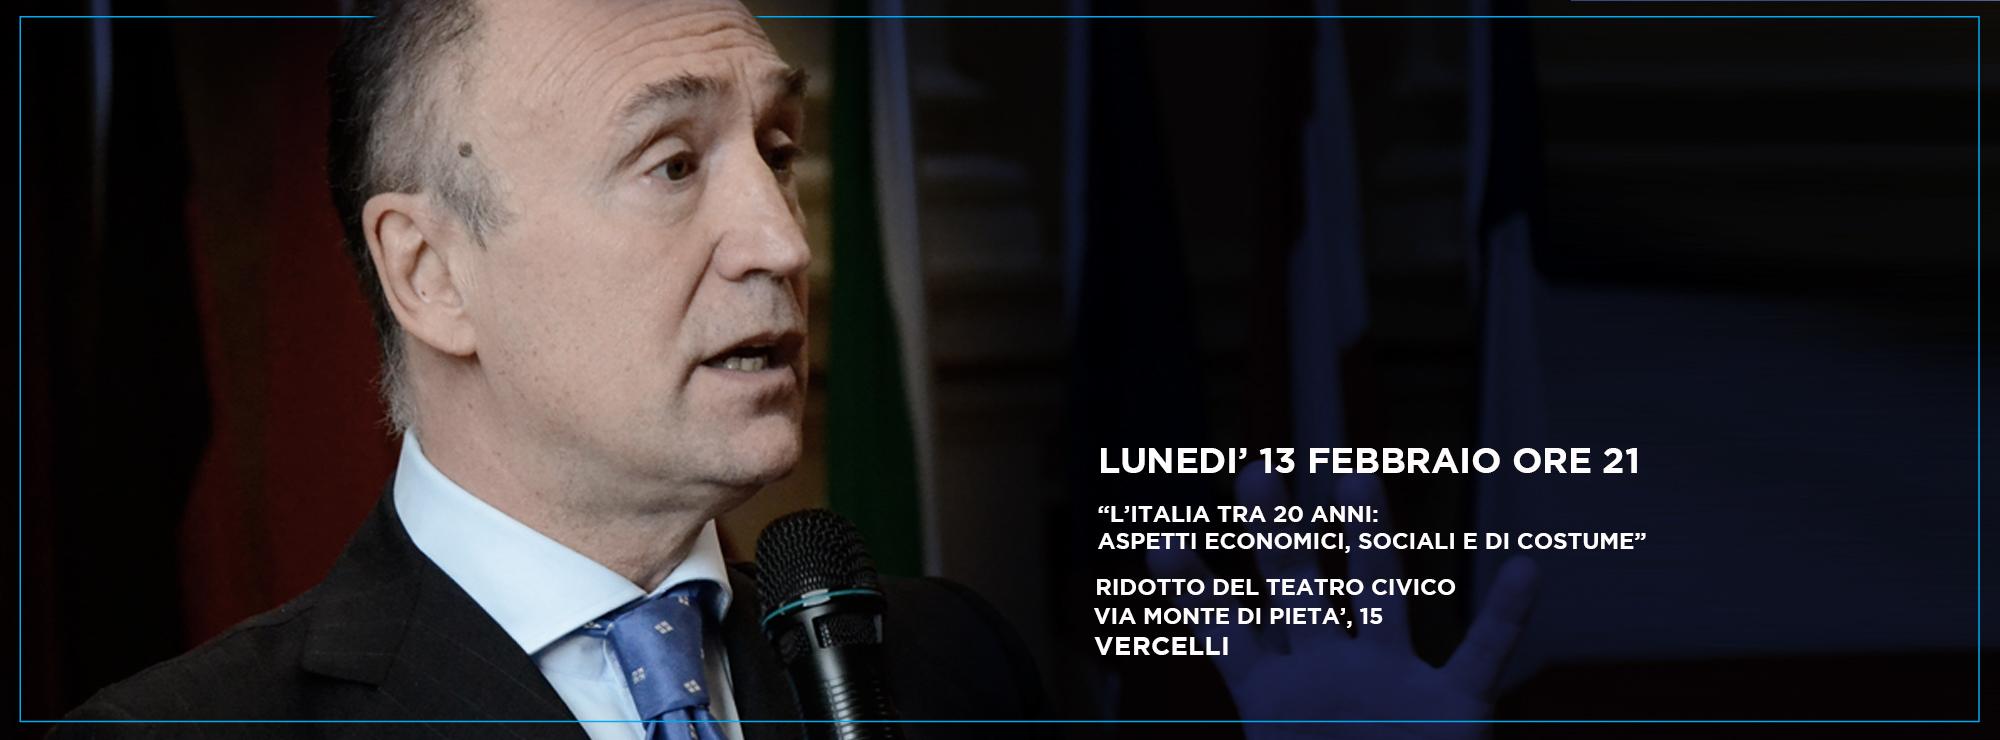 gianpiero samorì evento vercelli italia tra 20 anni